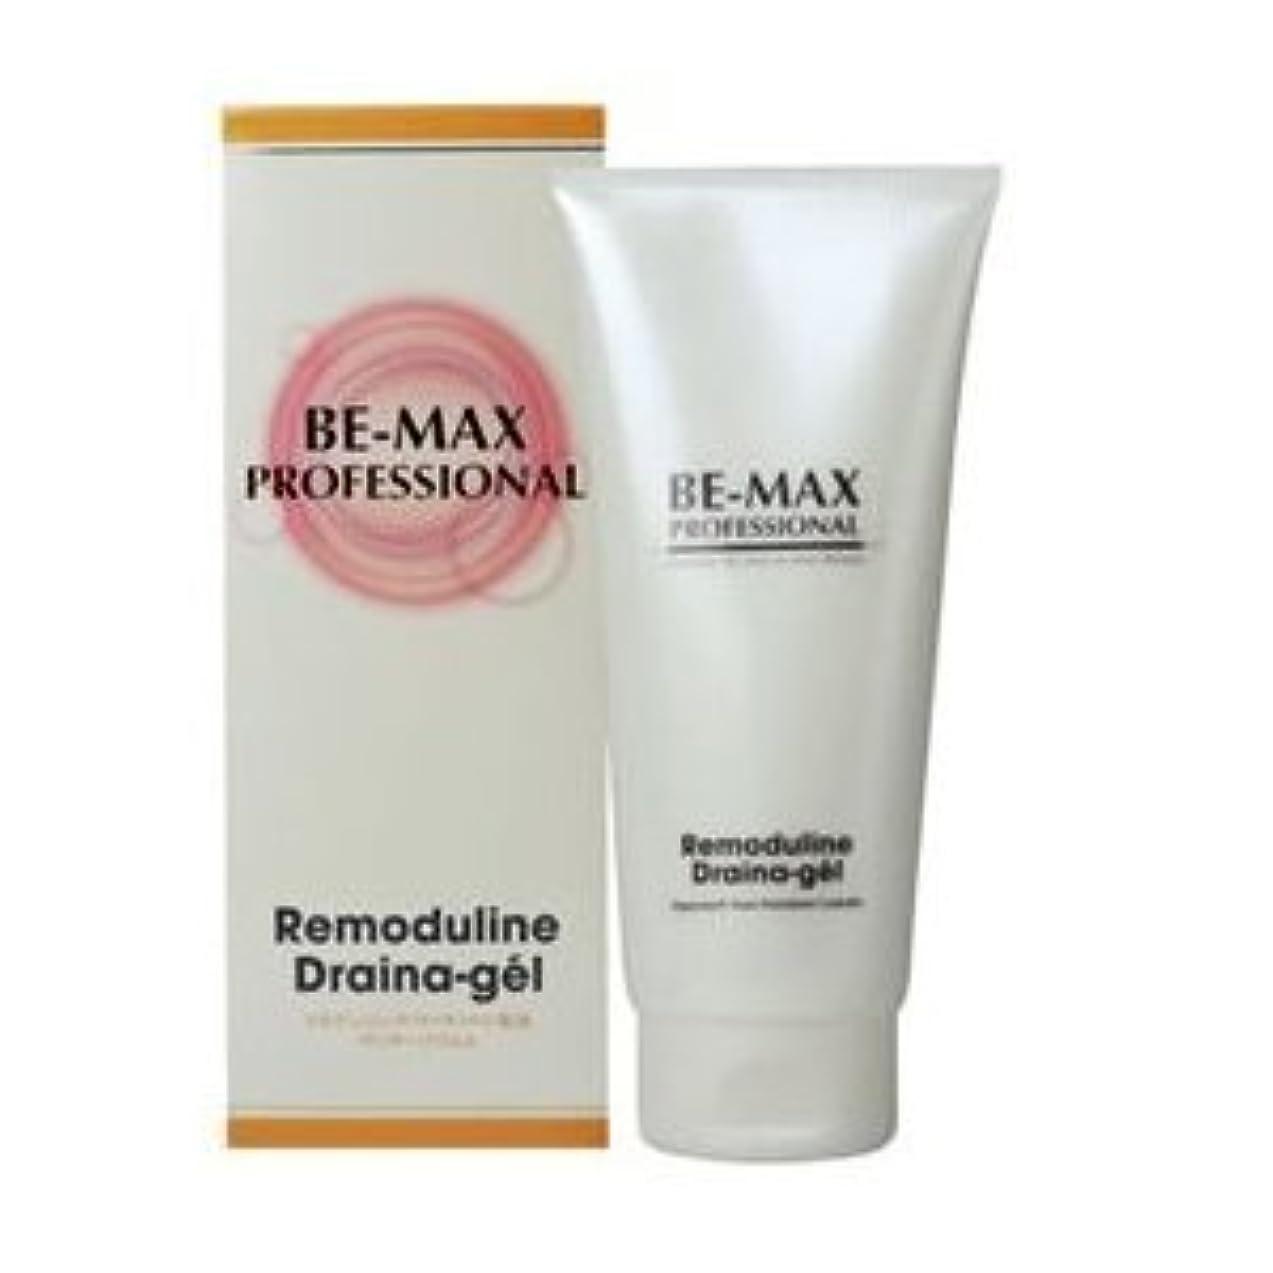 生きている同一のコンテンツBE-MAX PROFESSIONAL Remoduline Draina-gel リモデュリンドレナージェル 200G